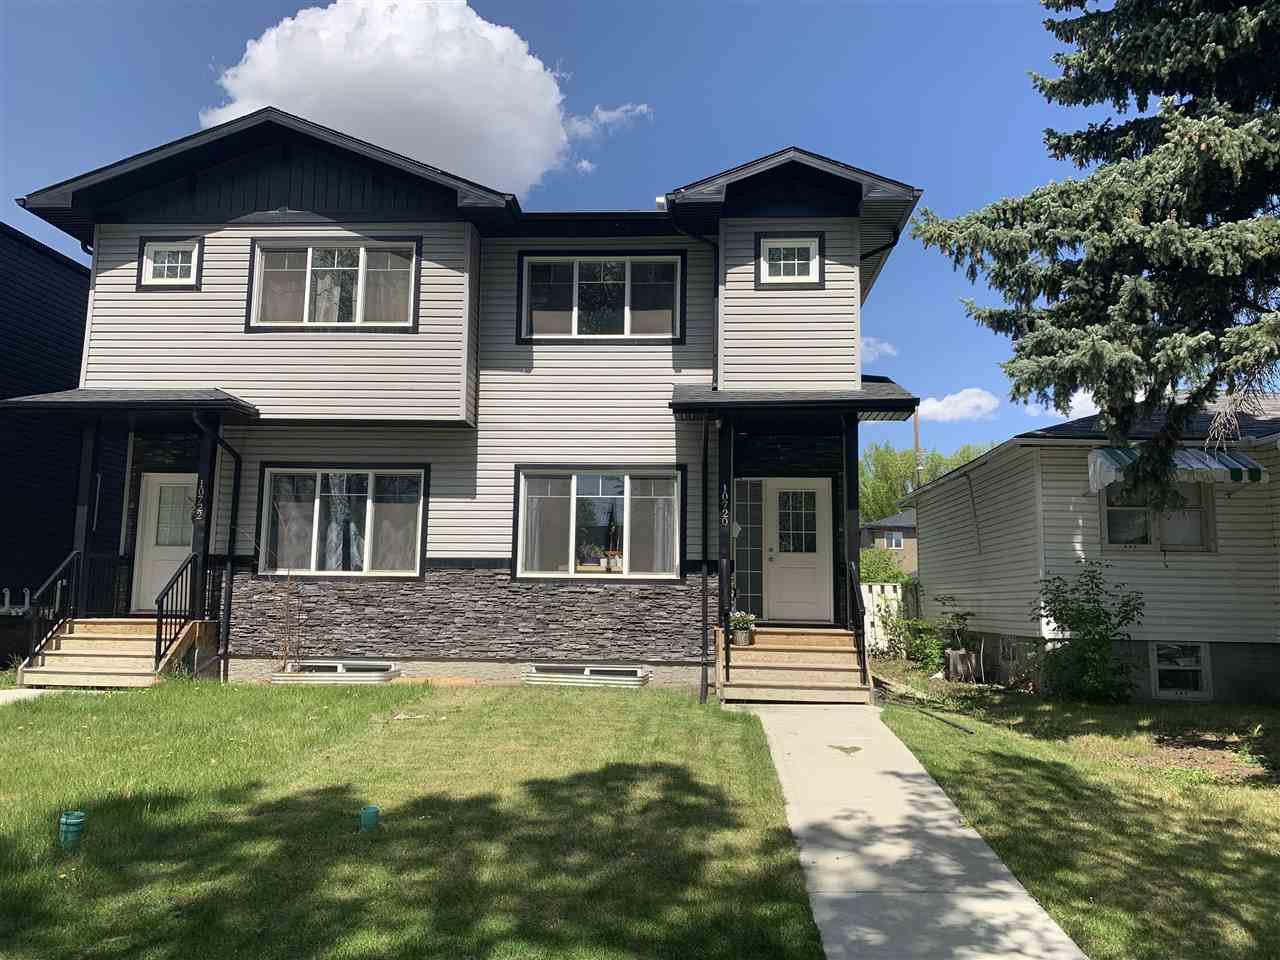 Main Photo: 10720 69 Avenue in Edmonton: Zone 15 House Half Duplex for sale : MLS®# E4200004